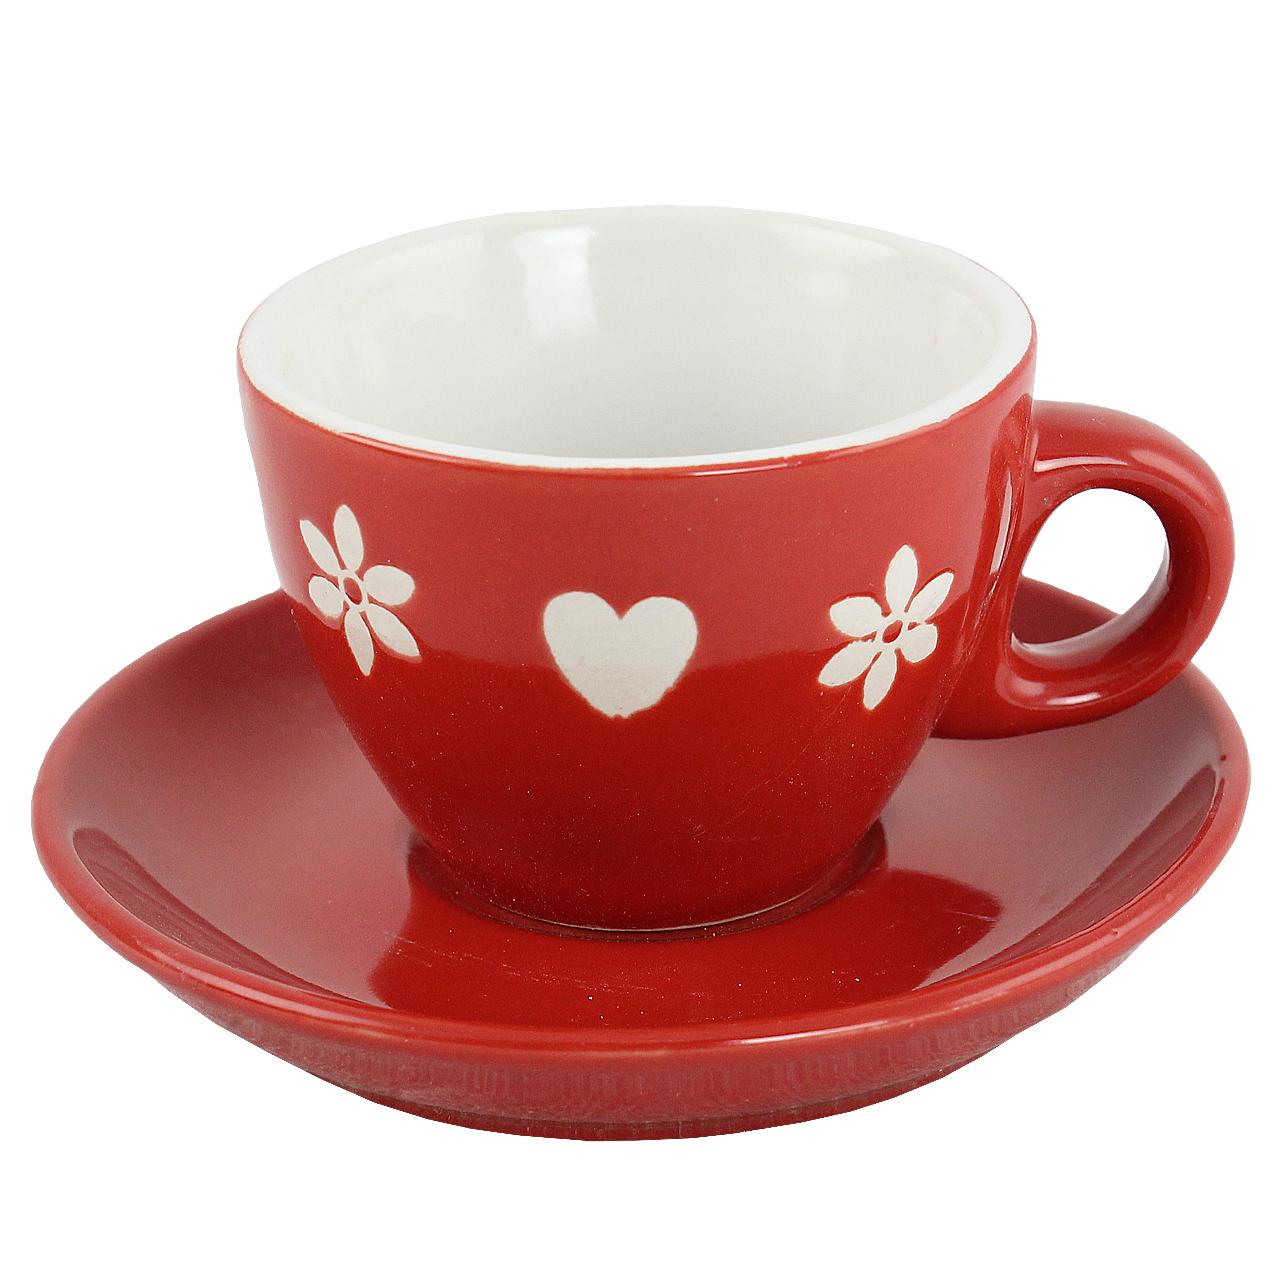 Ceasca Cu Farfurie Din Ceramica Rosie Cu Inimi